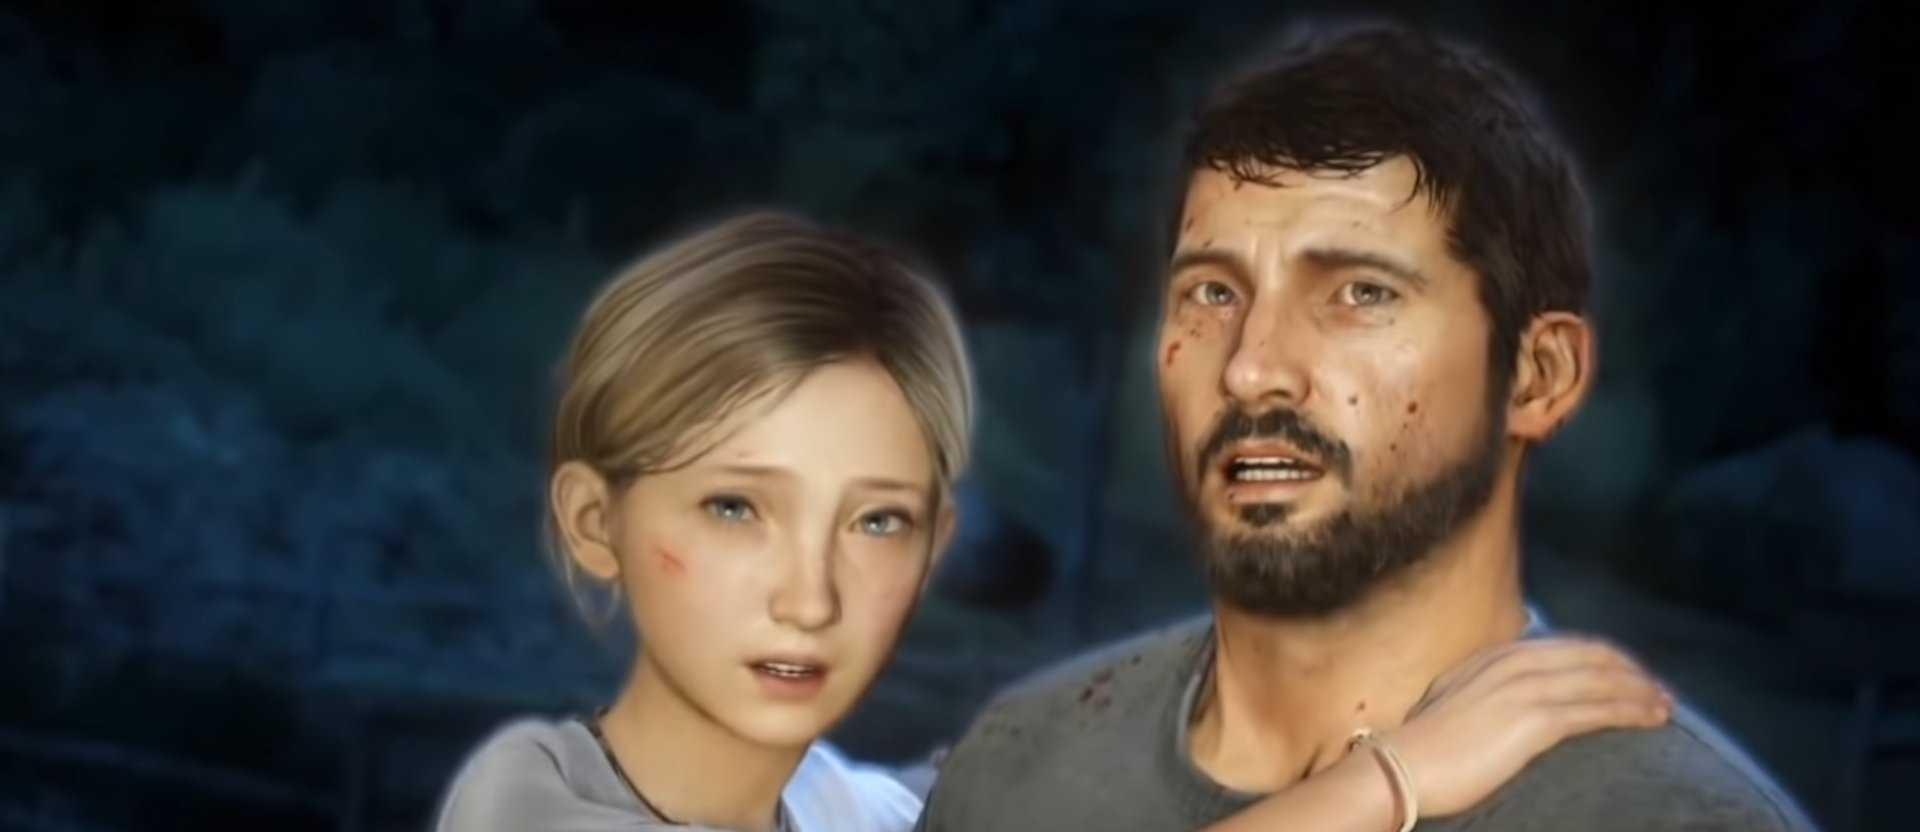 The Last of Us: Primer vistazo a una escena importante (toma de fotografías)